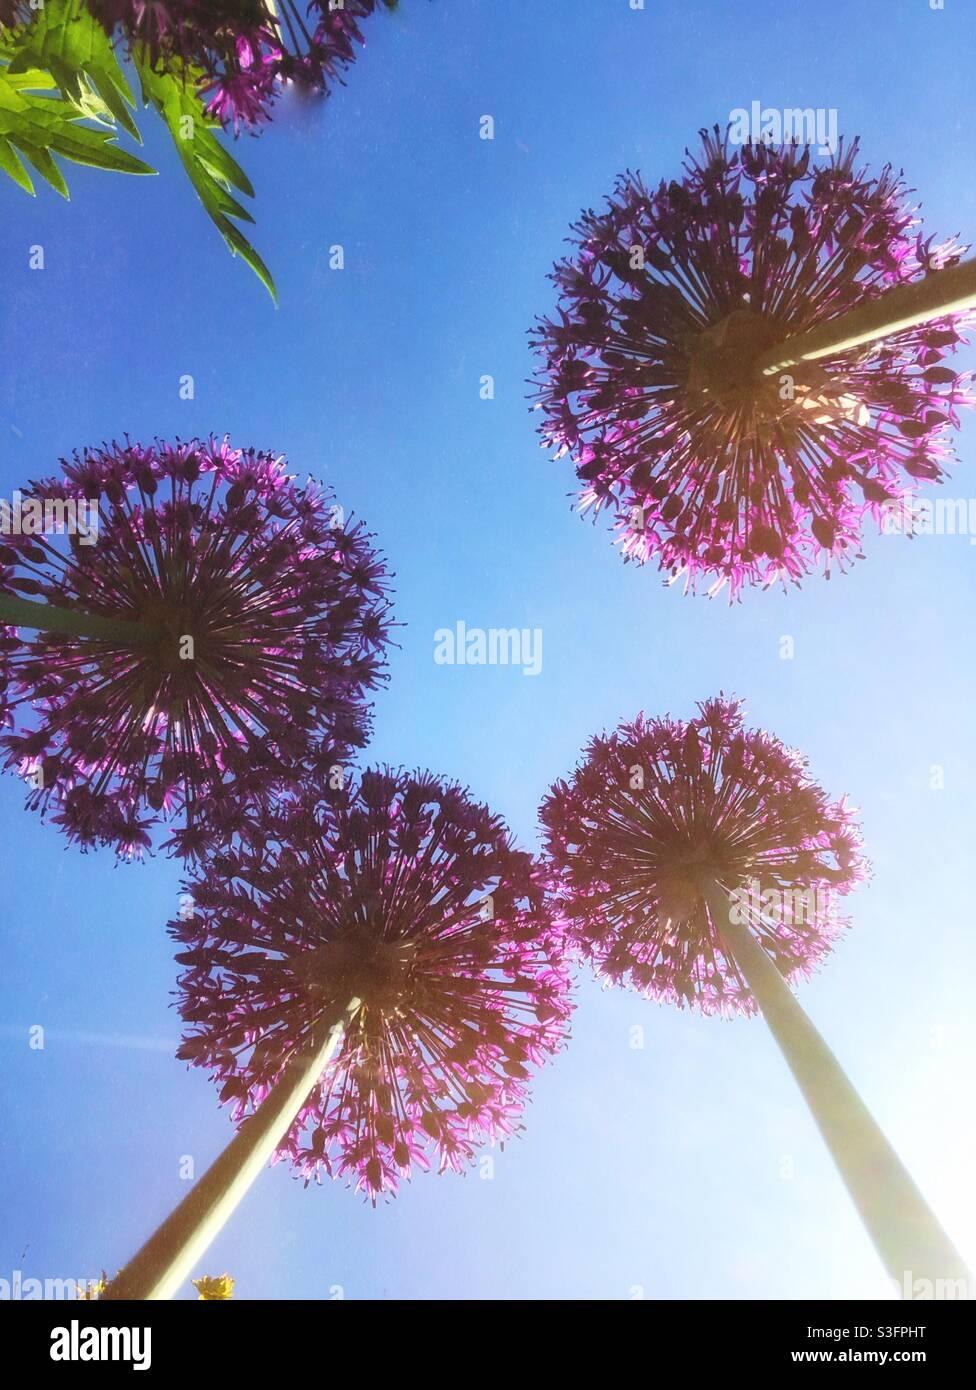 Blick von unten schöne lila rund Kopf Allium Blumen unter einem blauen Himmel mit Kopieplatz Stockfoto